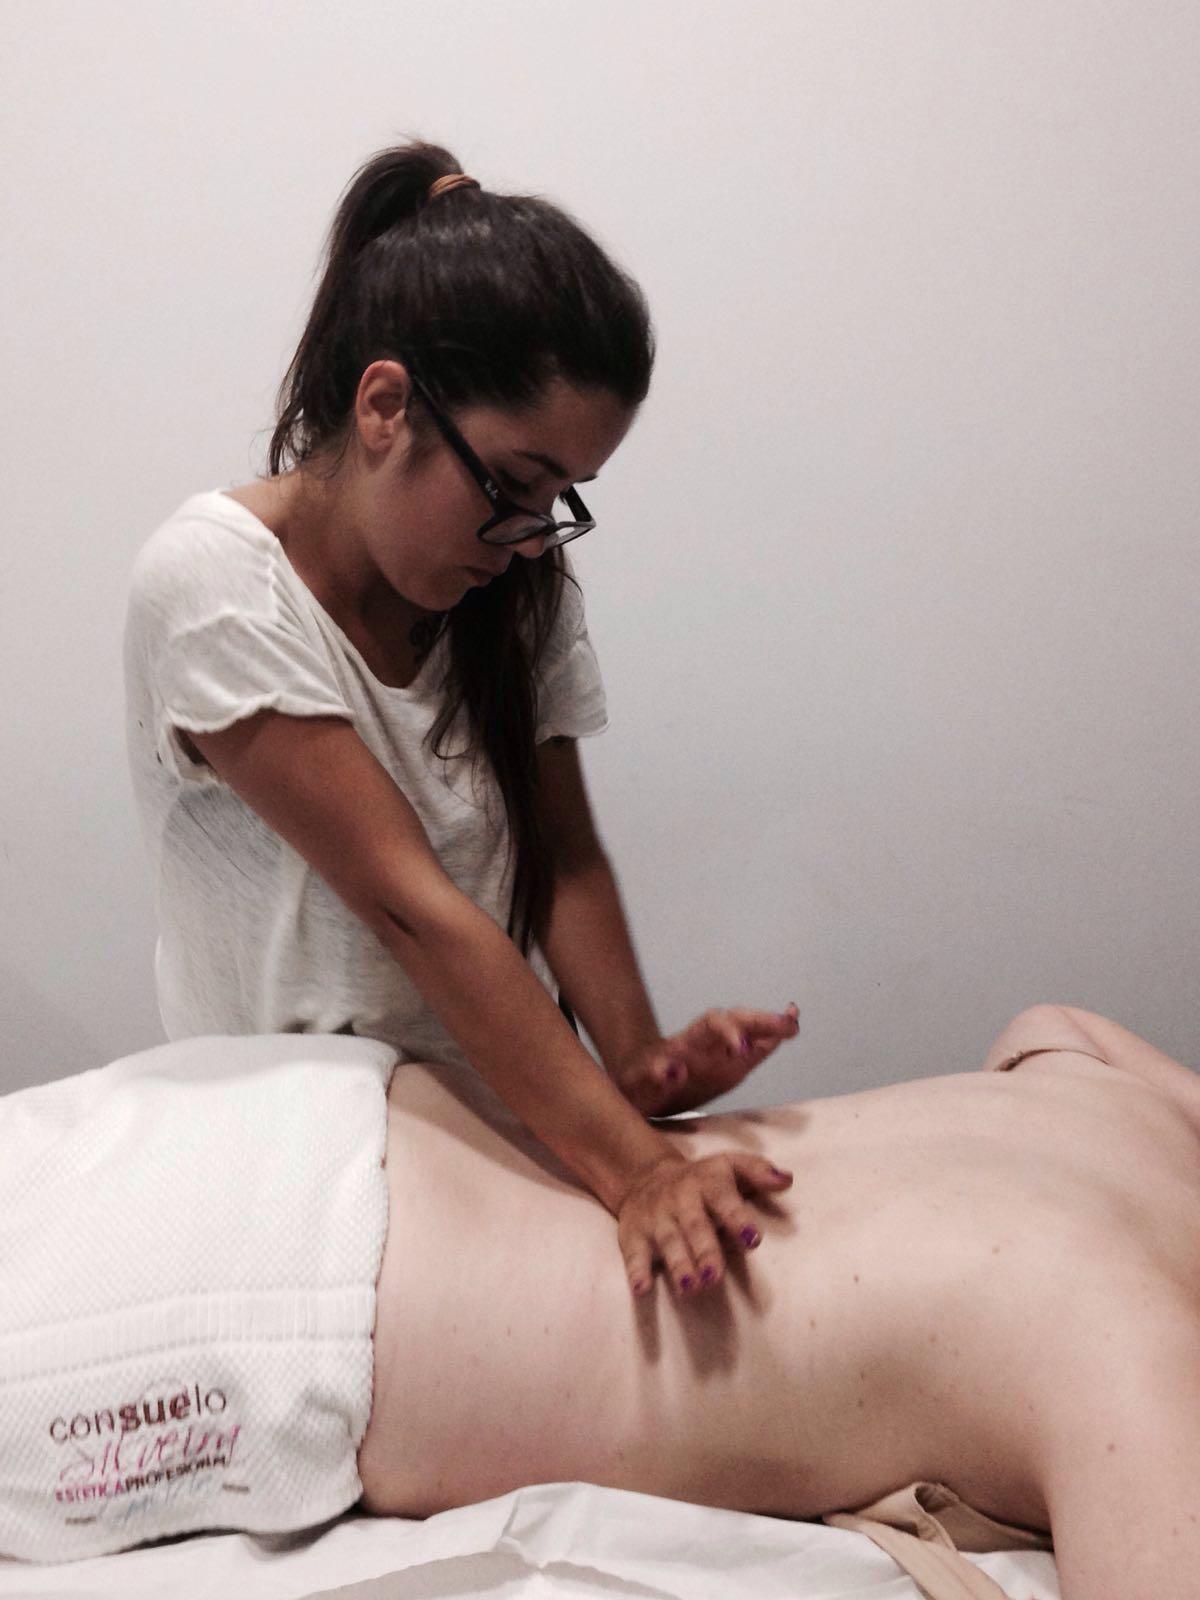 """Guadalupe Torrente: alumna de Consuelo Silveira: """"El masaje mioactivo me encanta"""""""